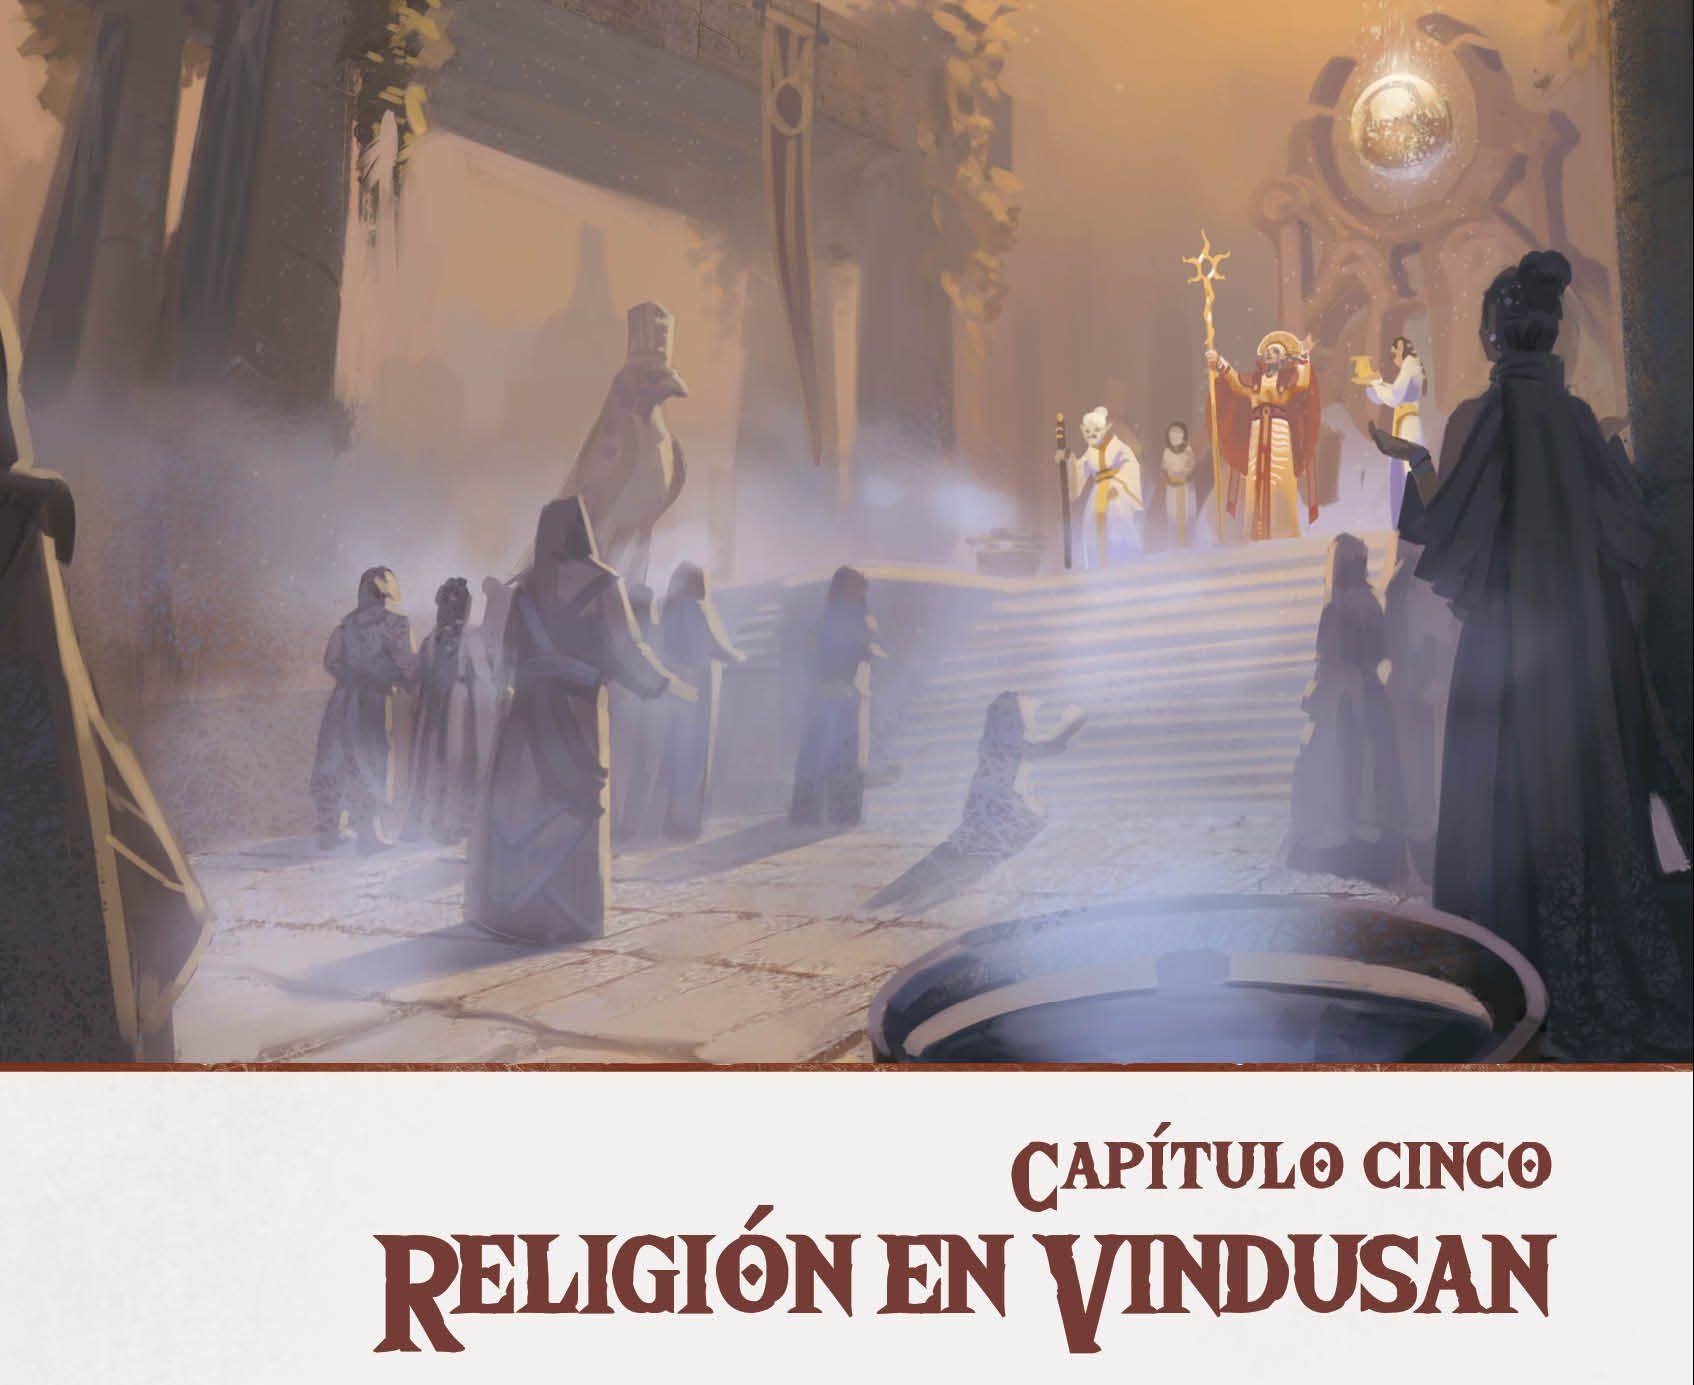 vindusan44 - Reseña a dúo: La Ciudad de Vindusan. Mar y Semilla.